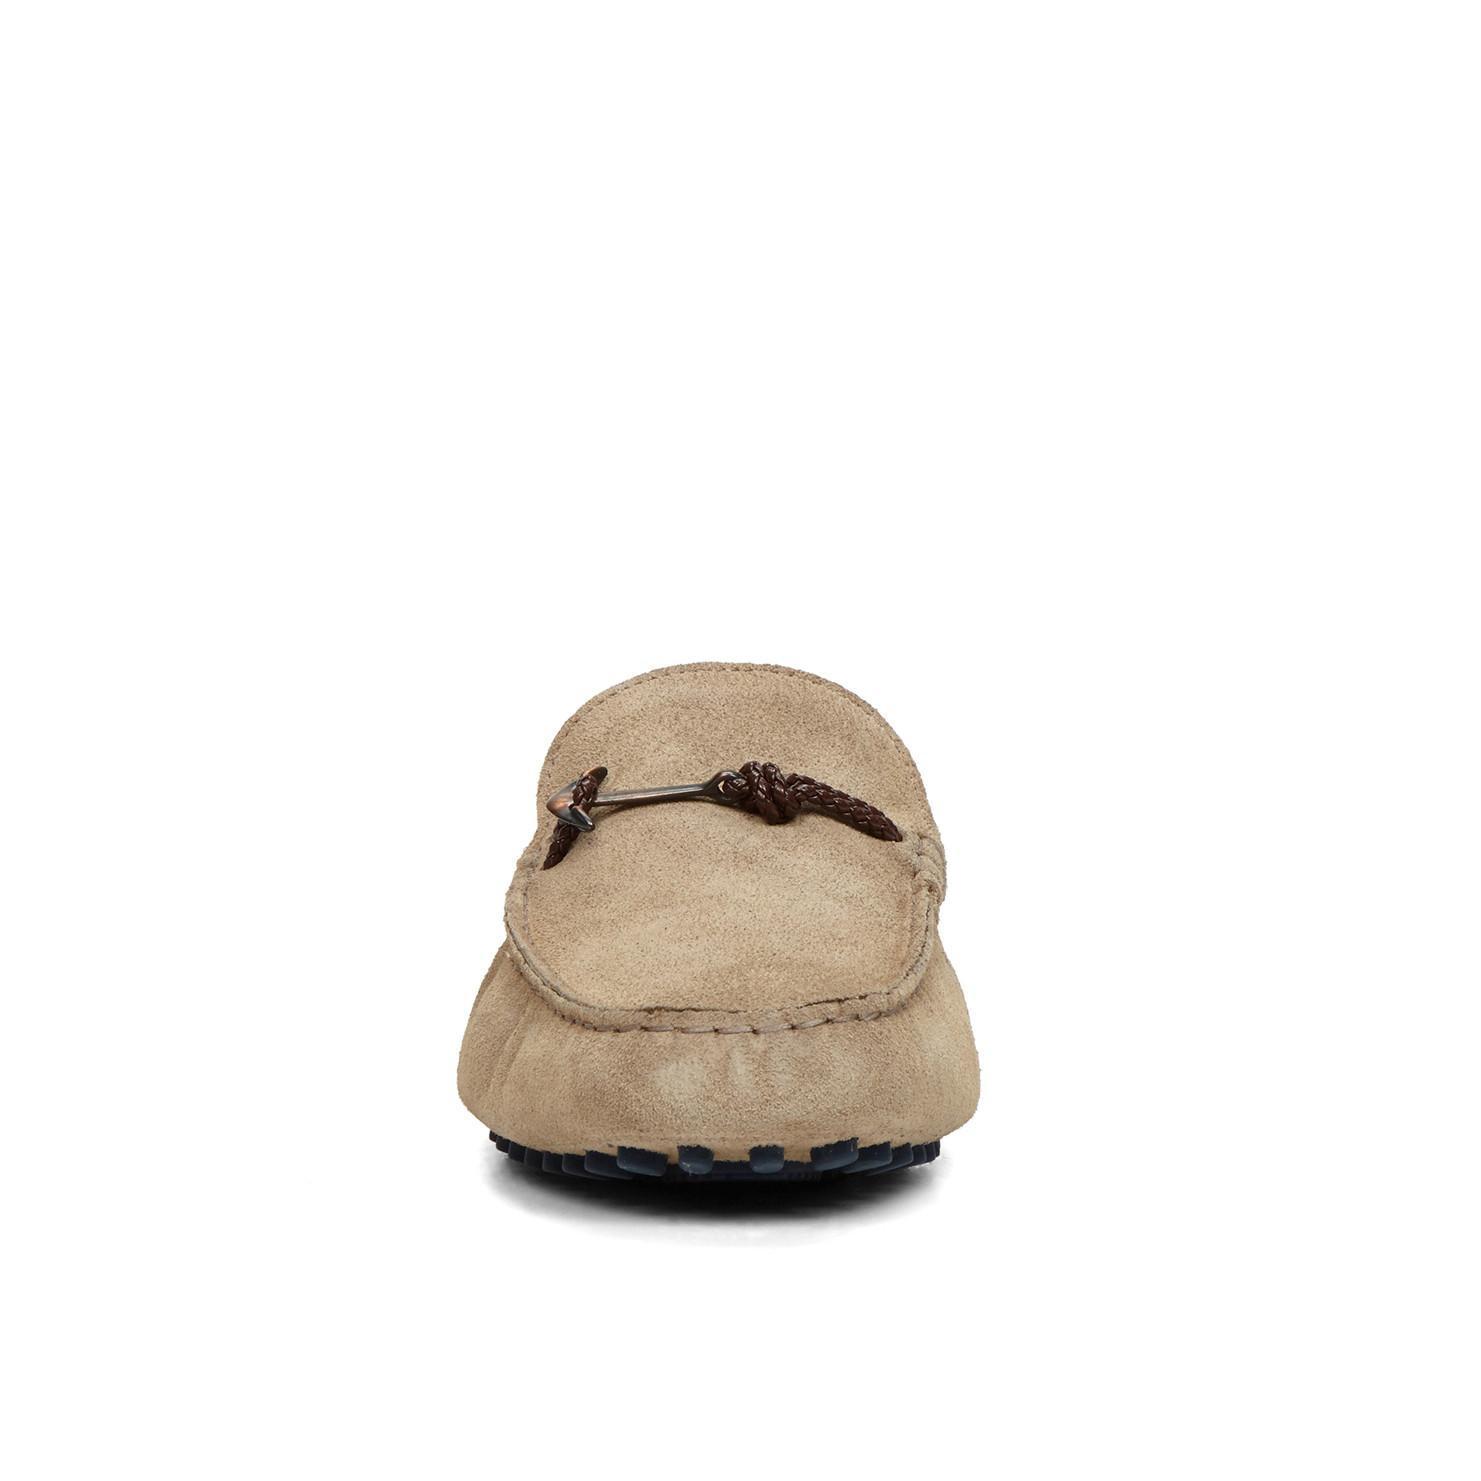 ALDO Leather Zurlo in Taupe (Brown) for Men